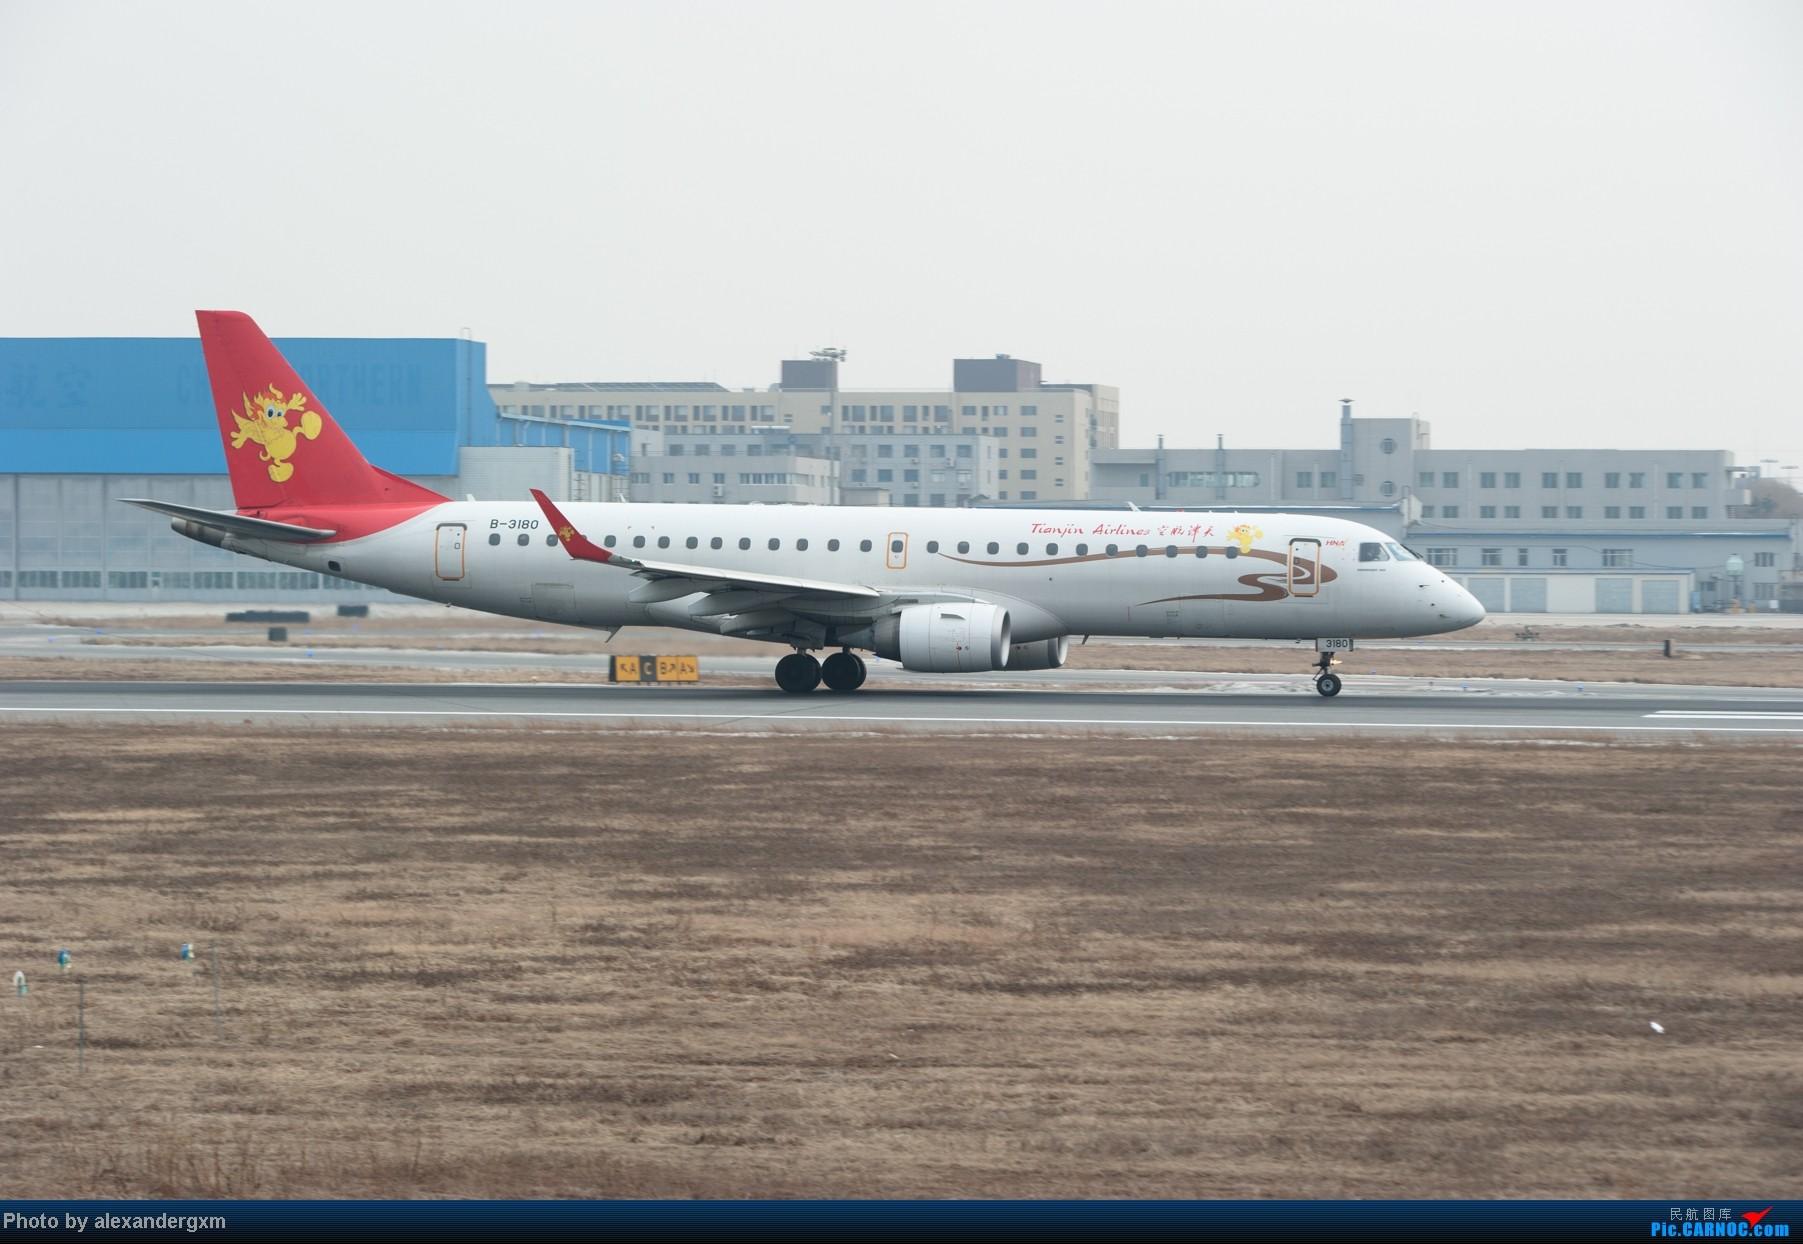 [原创]【SHE】1月27日,桃仙的大灰机和小灰机。 EMBRAER E-190 B-3180 中国沈阳桃仙机场